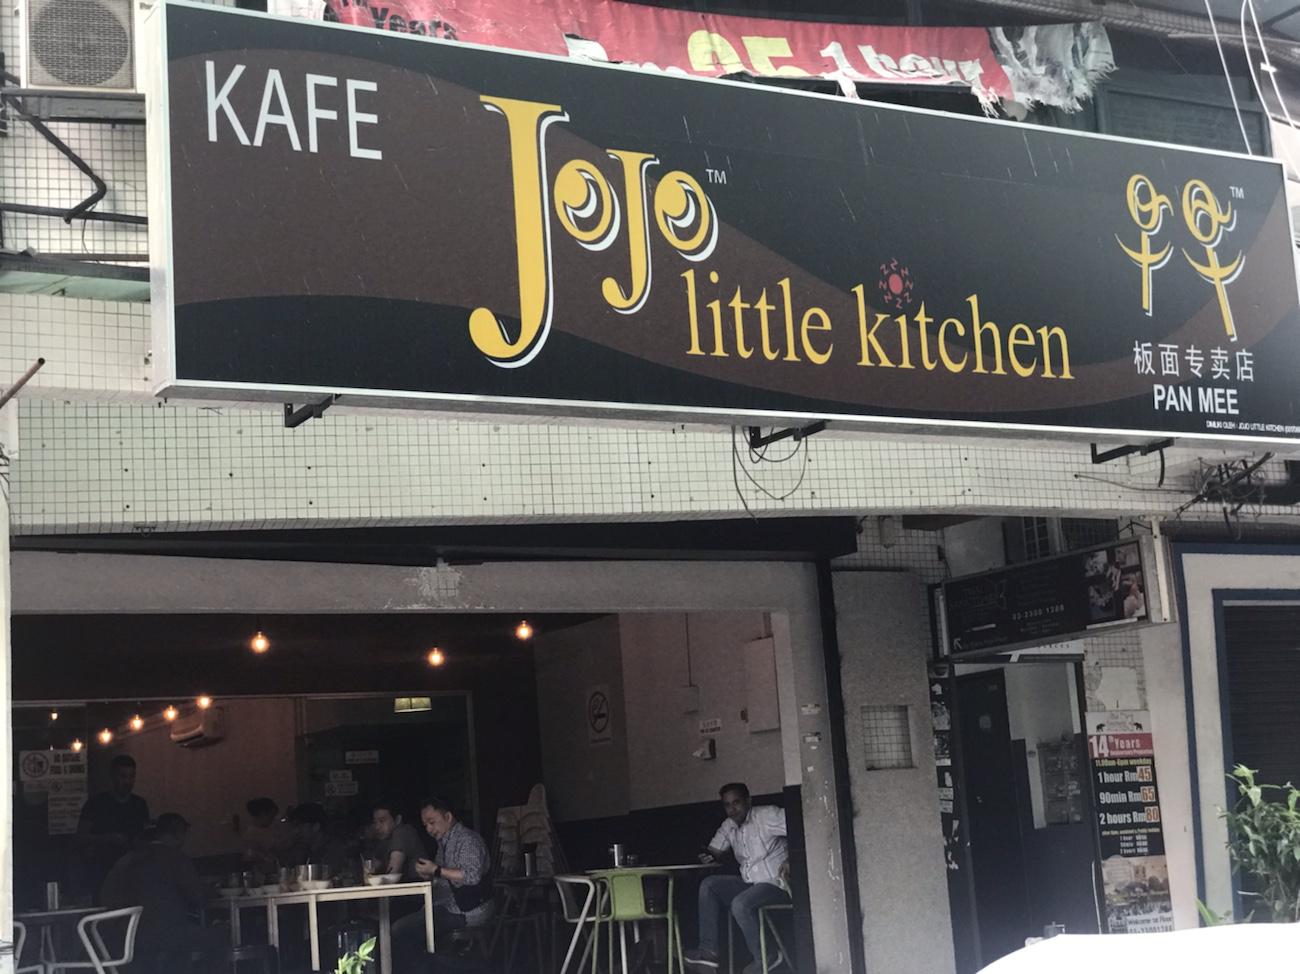 Jojo ジョジョのパンミー クアラルンプール朝食